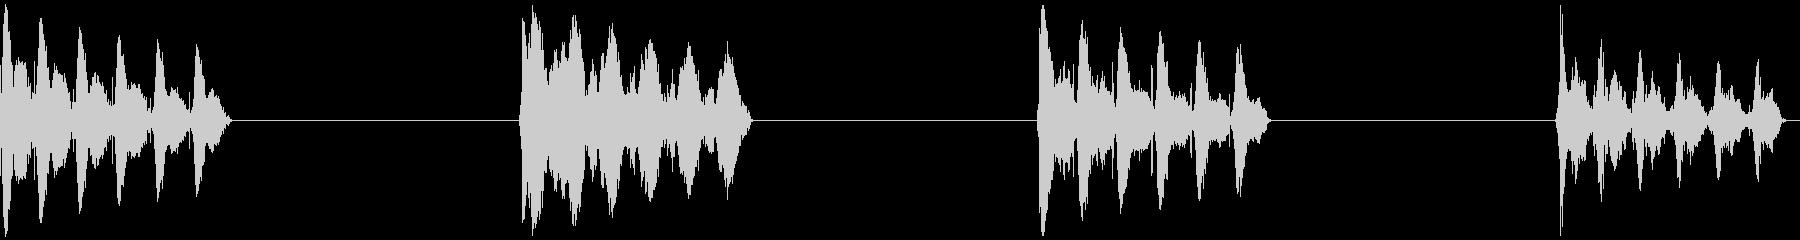 レーザーショット、4バージョン、ガ...の未再生の波形